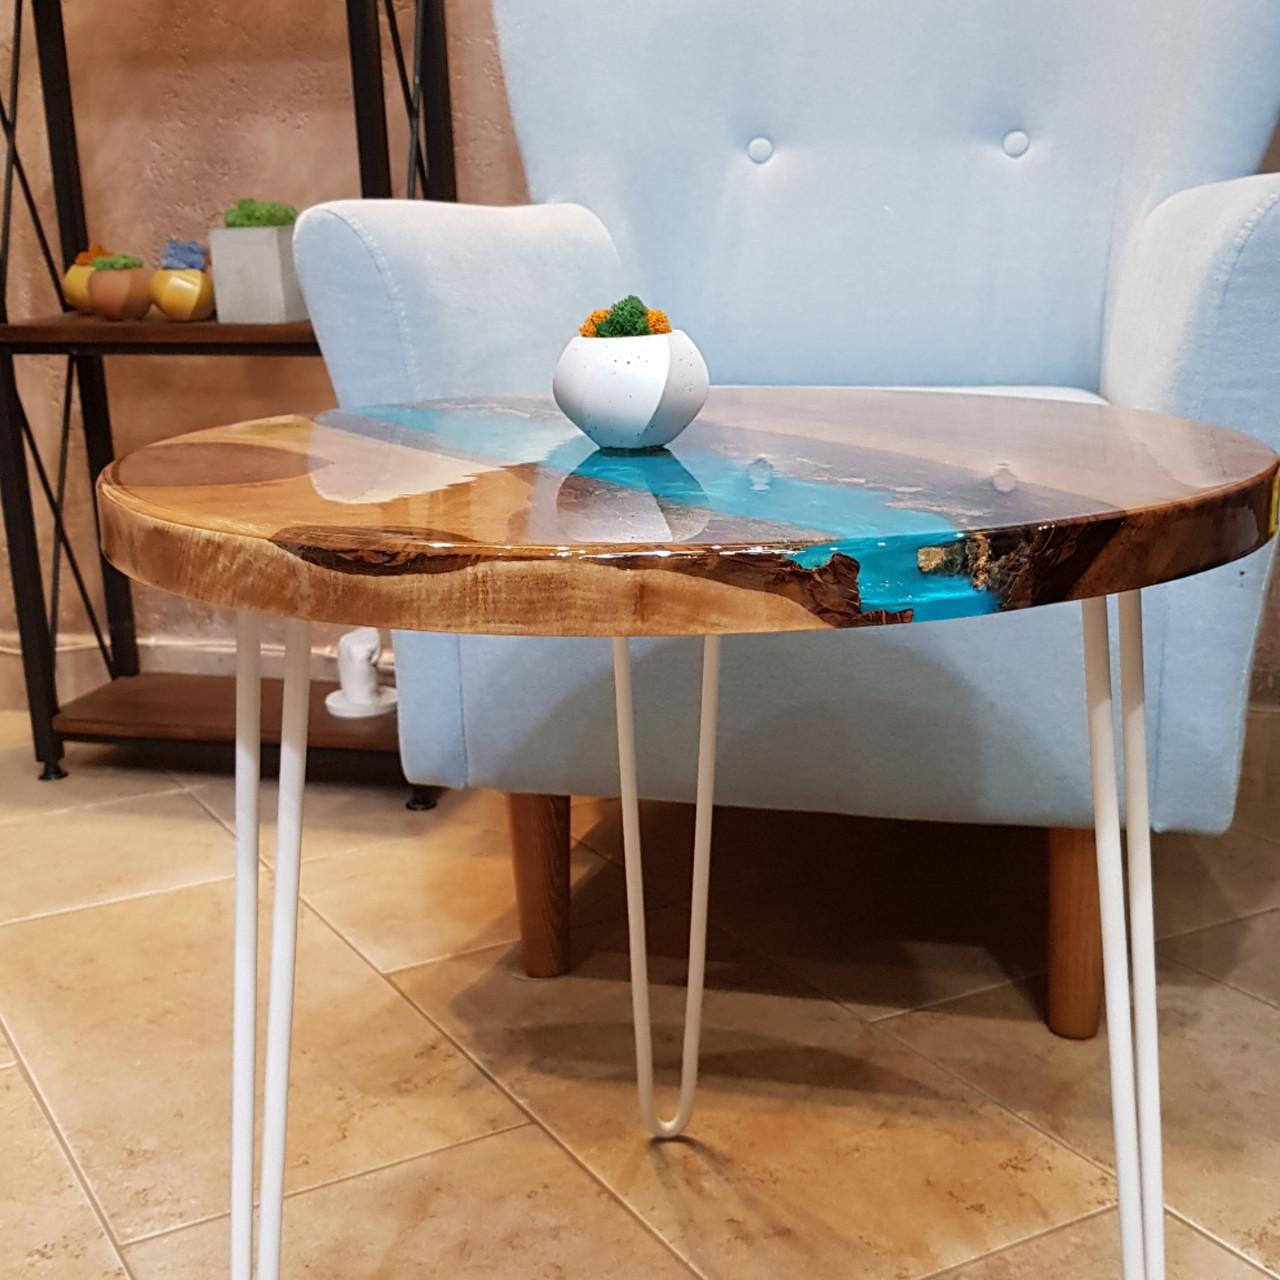 Журнальный  круглый стол с массива грецкого  ореха и прозрачной эпоксдной смолой  3-D эффект  Диаметр - 57 см